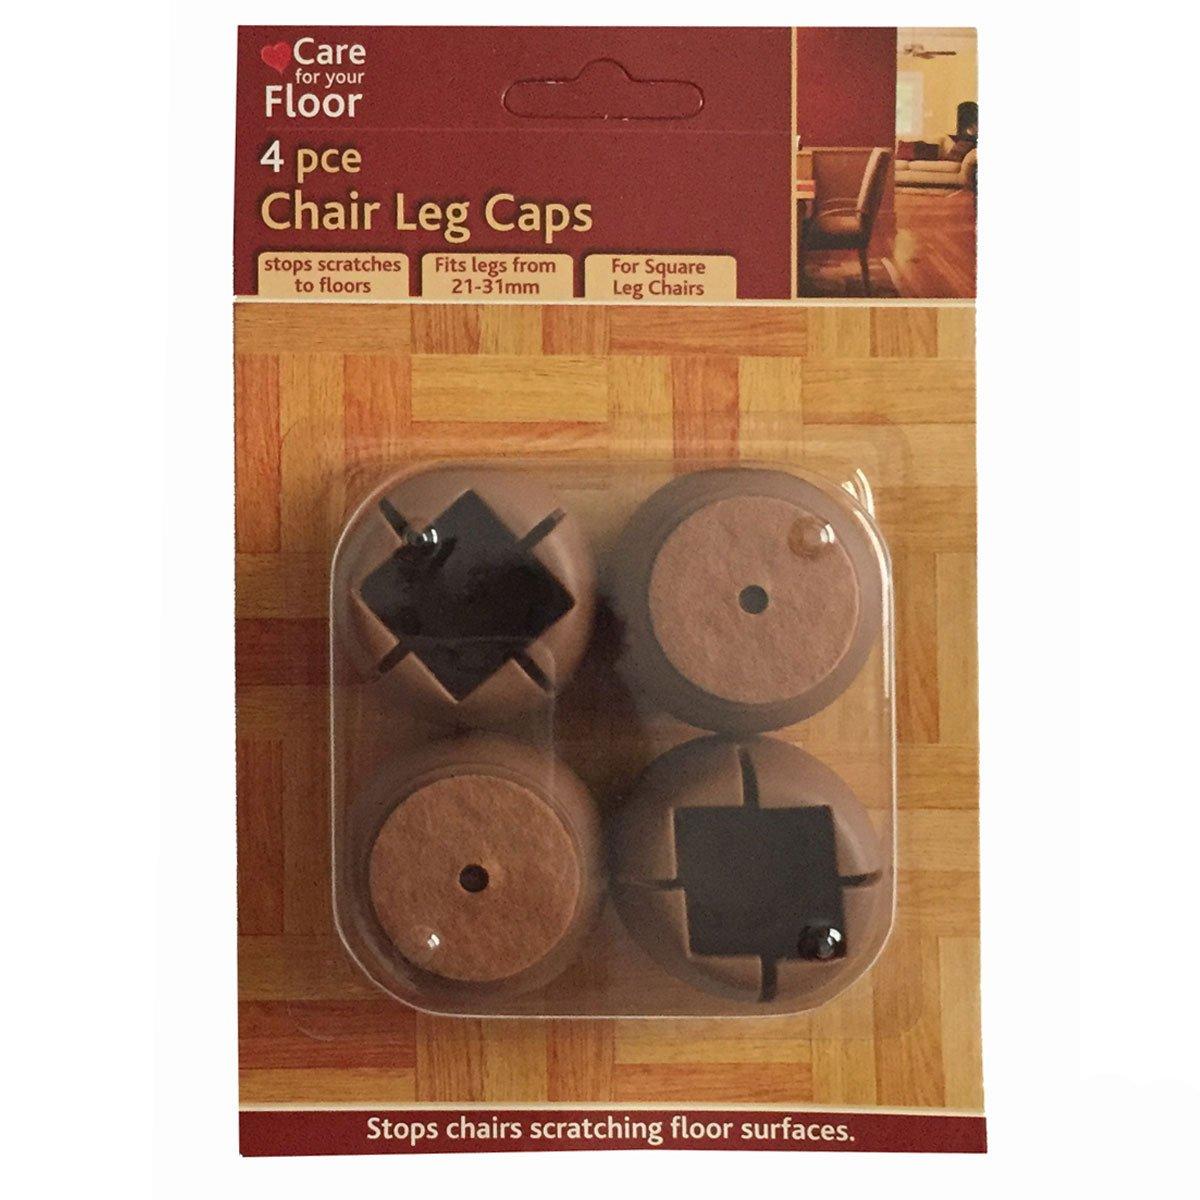 4 X Brown Chair Leg Caps 21 31mm Chair Leg Pads Castors Casters By FD:  Amazon.co.uk: Kitchen U0026 Home